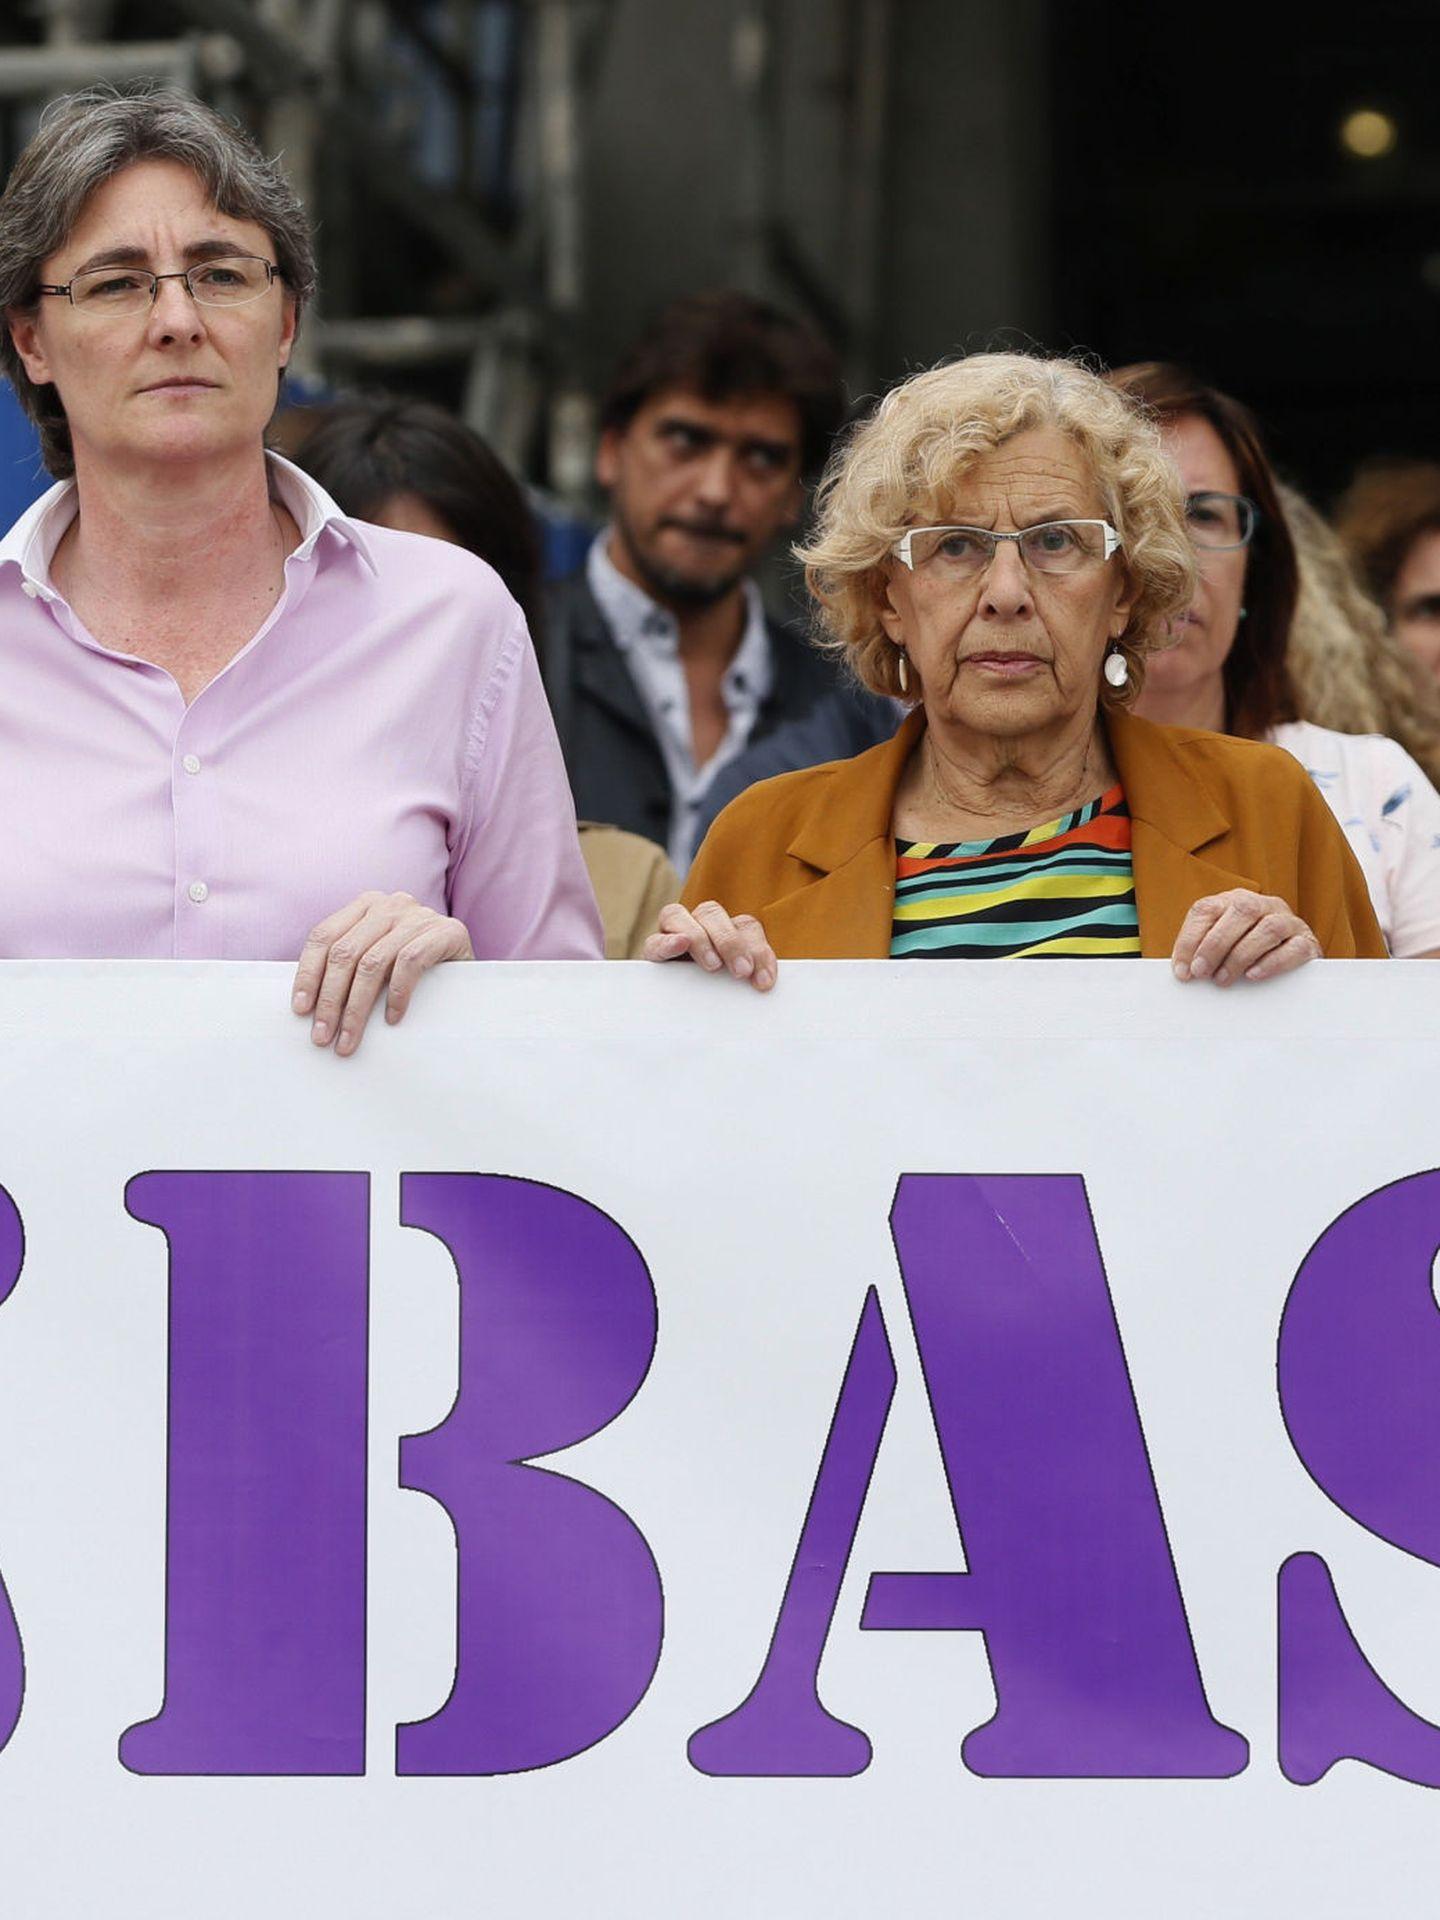 La alcaldesa de Madrid, Manuela Carmena, y la vicealcaldesa, Marta Higueras, contra la violencia de género.